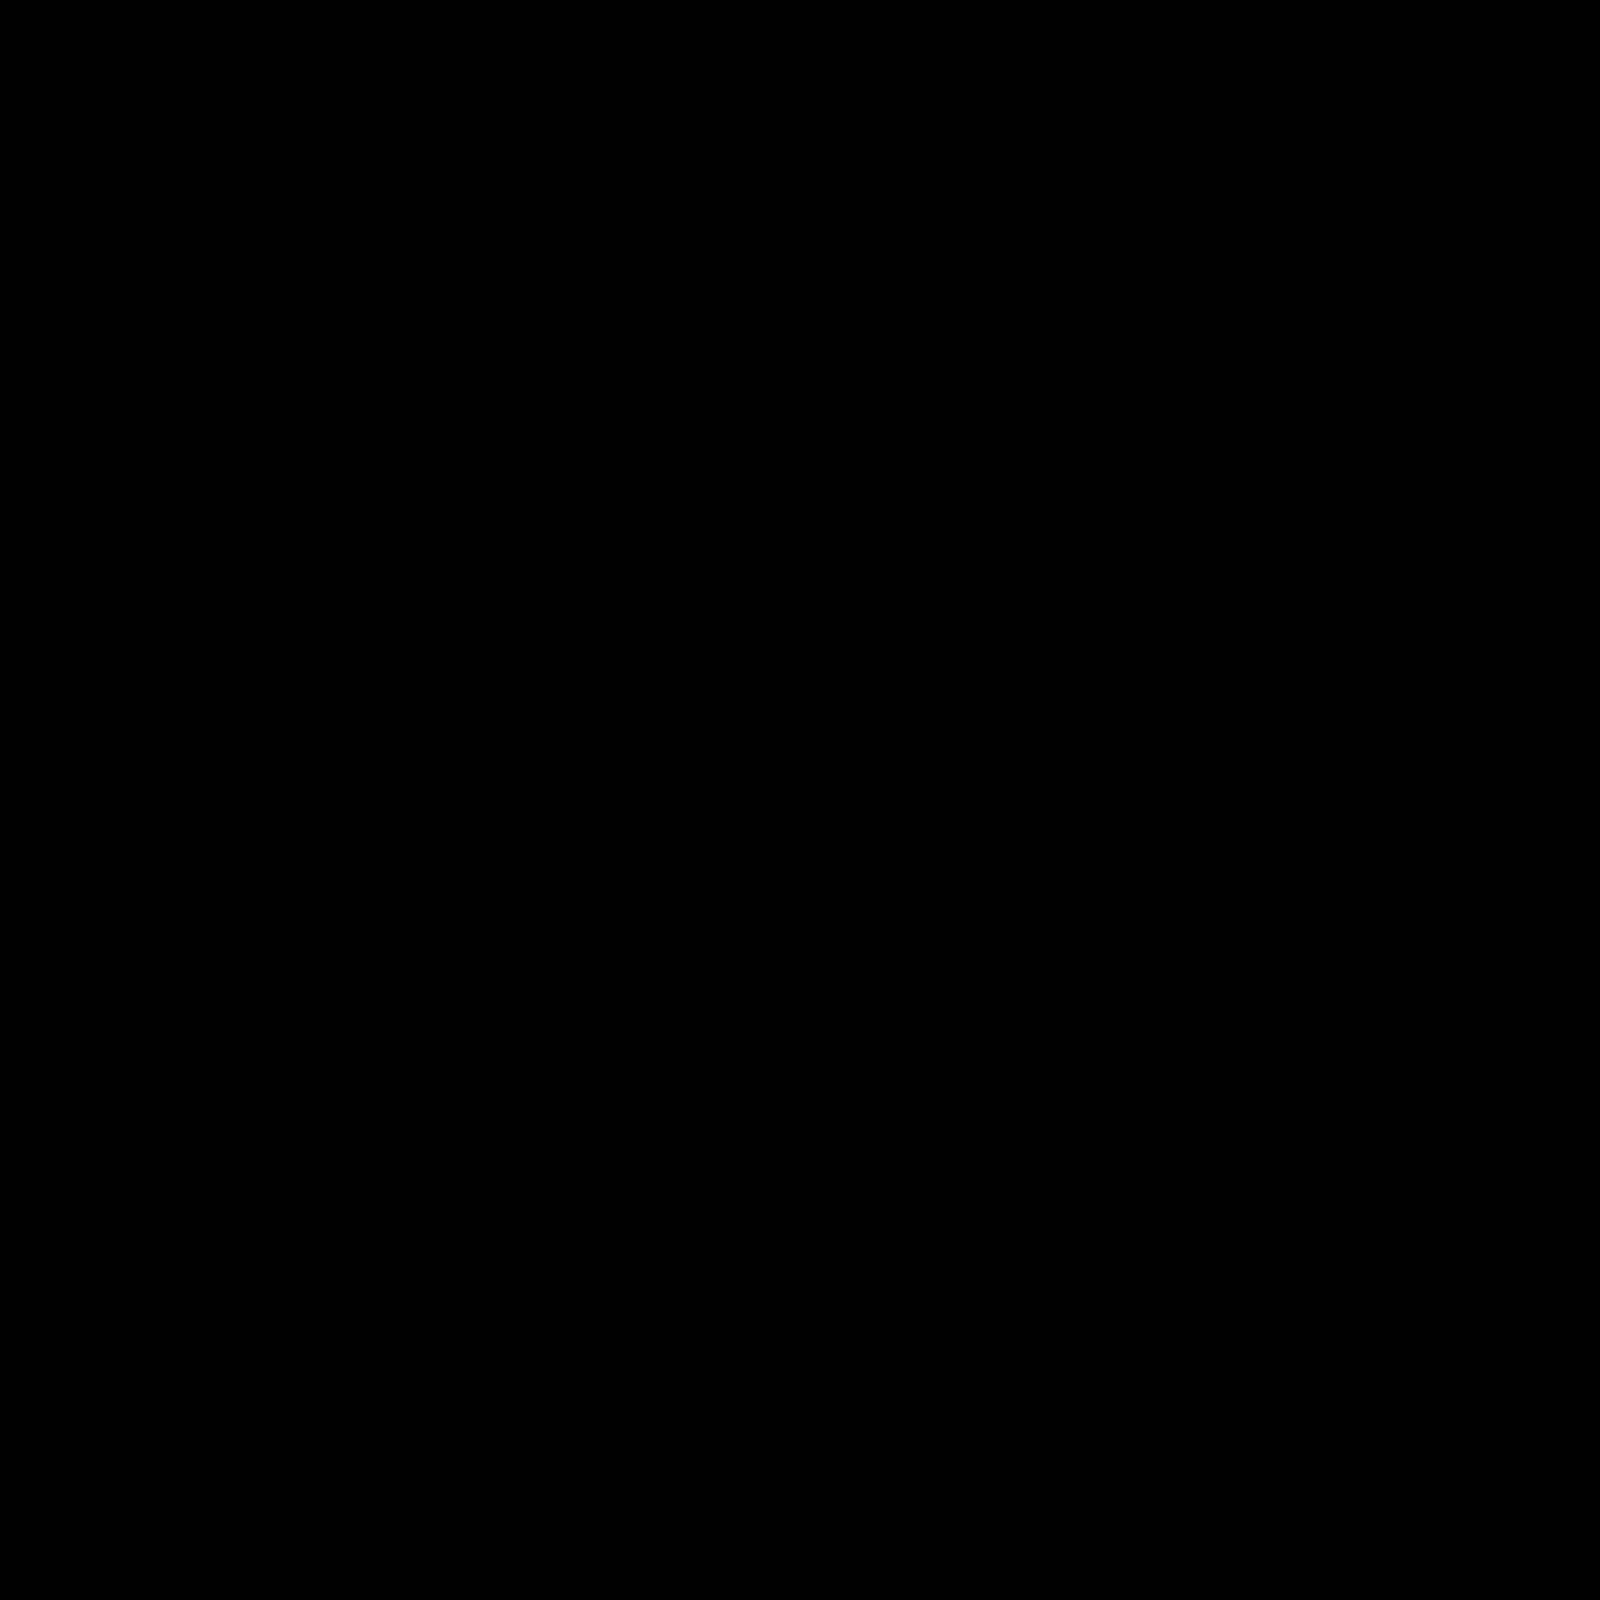 Oil clipart pumpjack. Icona pompa di petrolio